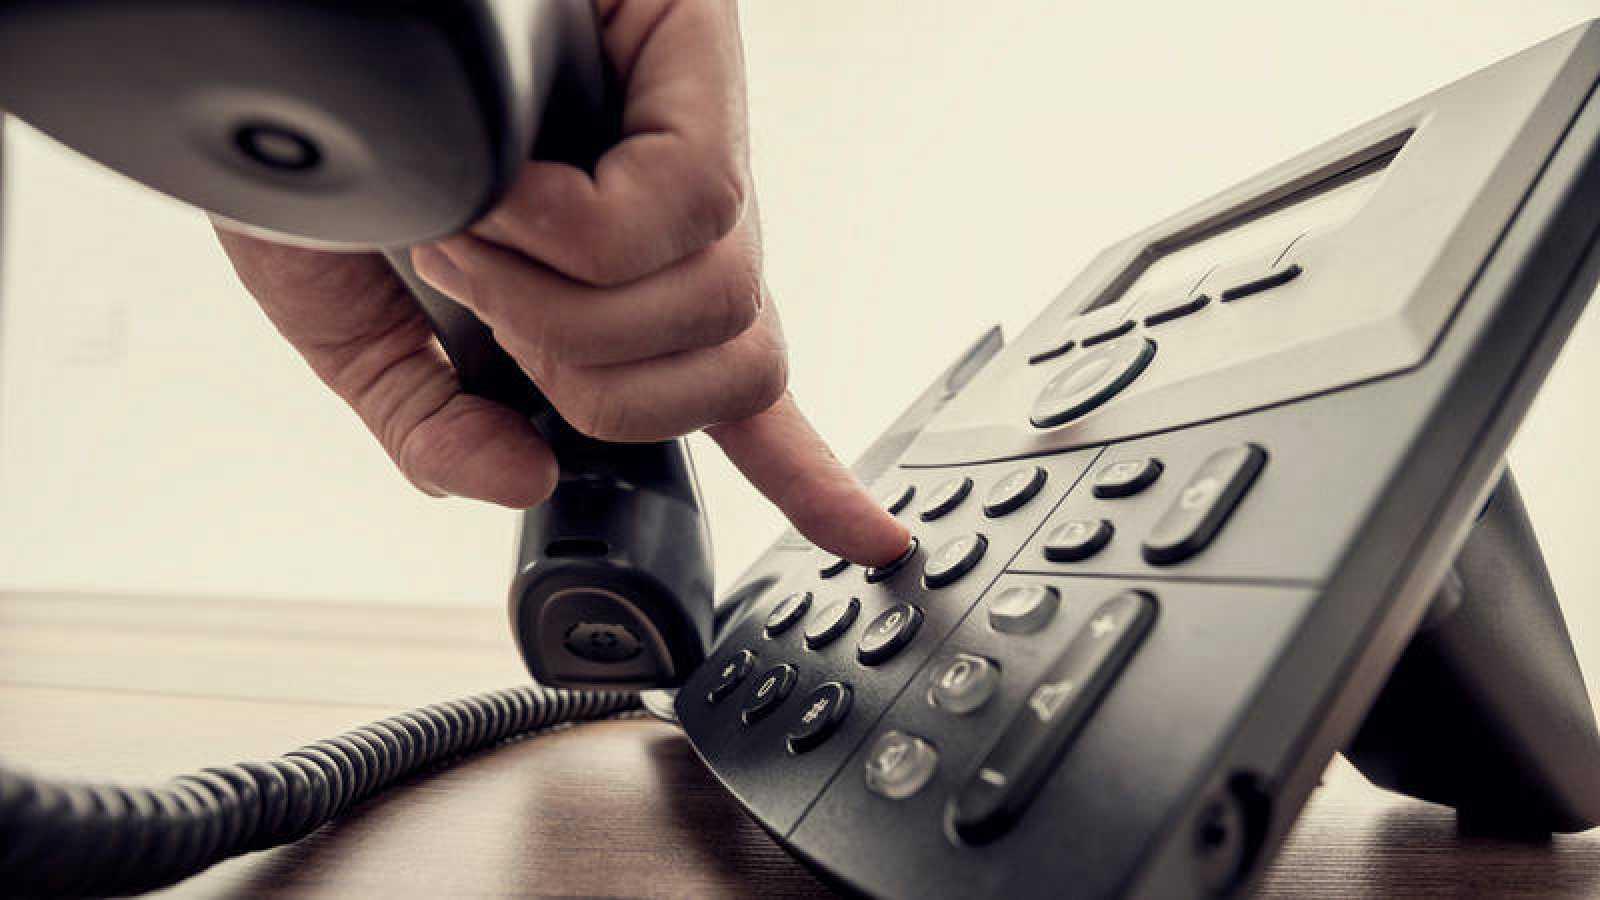 Un hombre marcando un número de teléfono